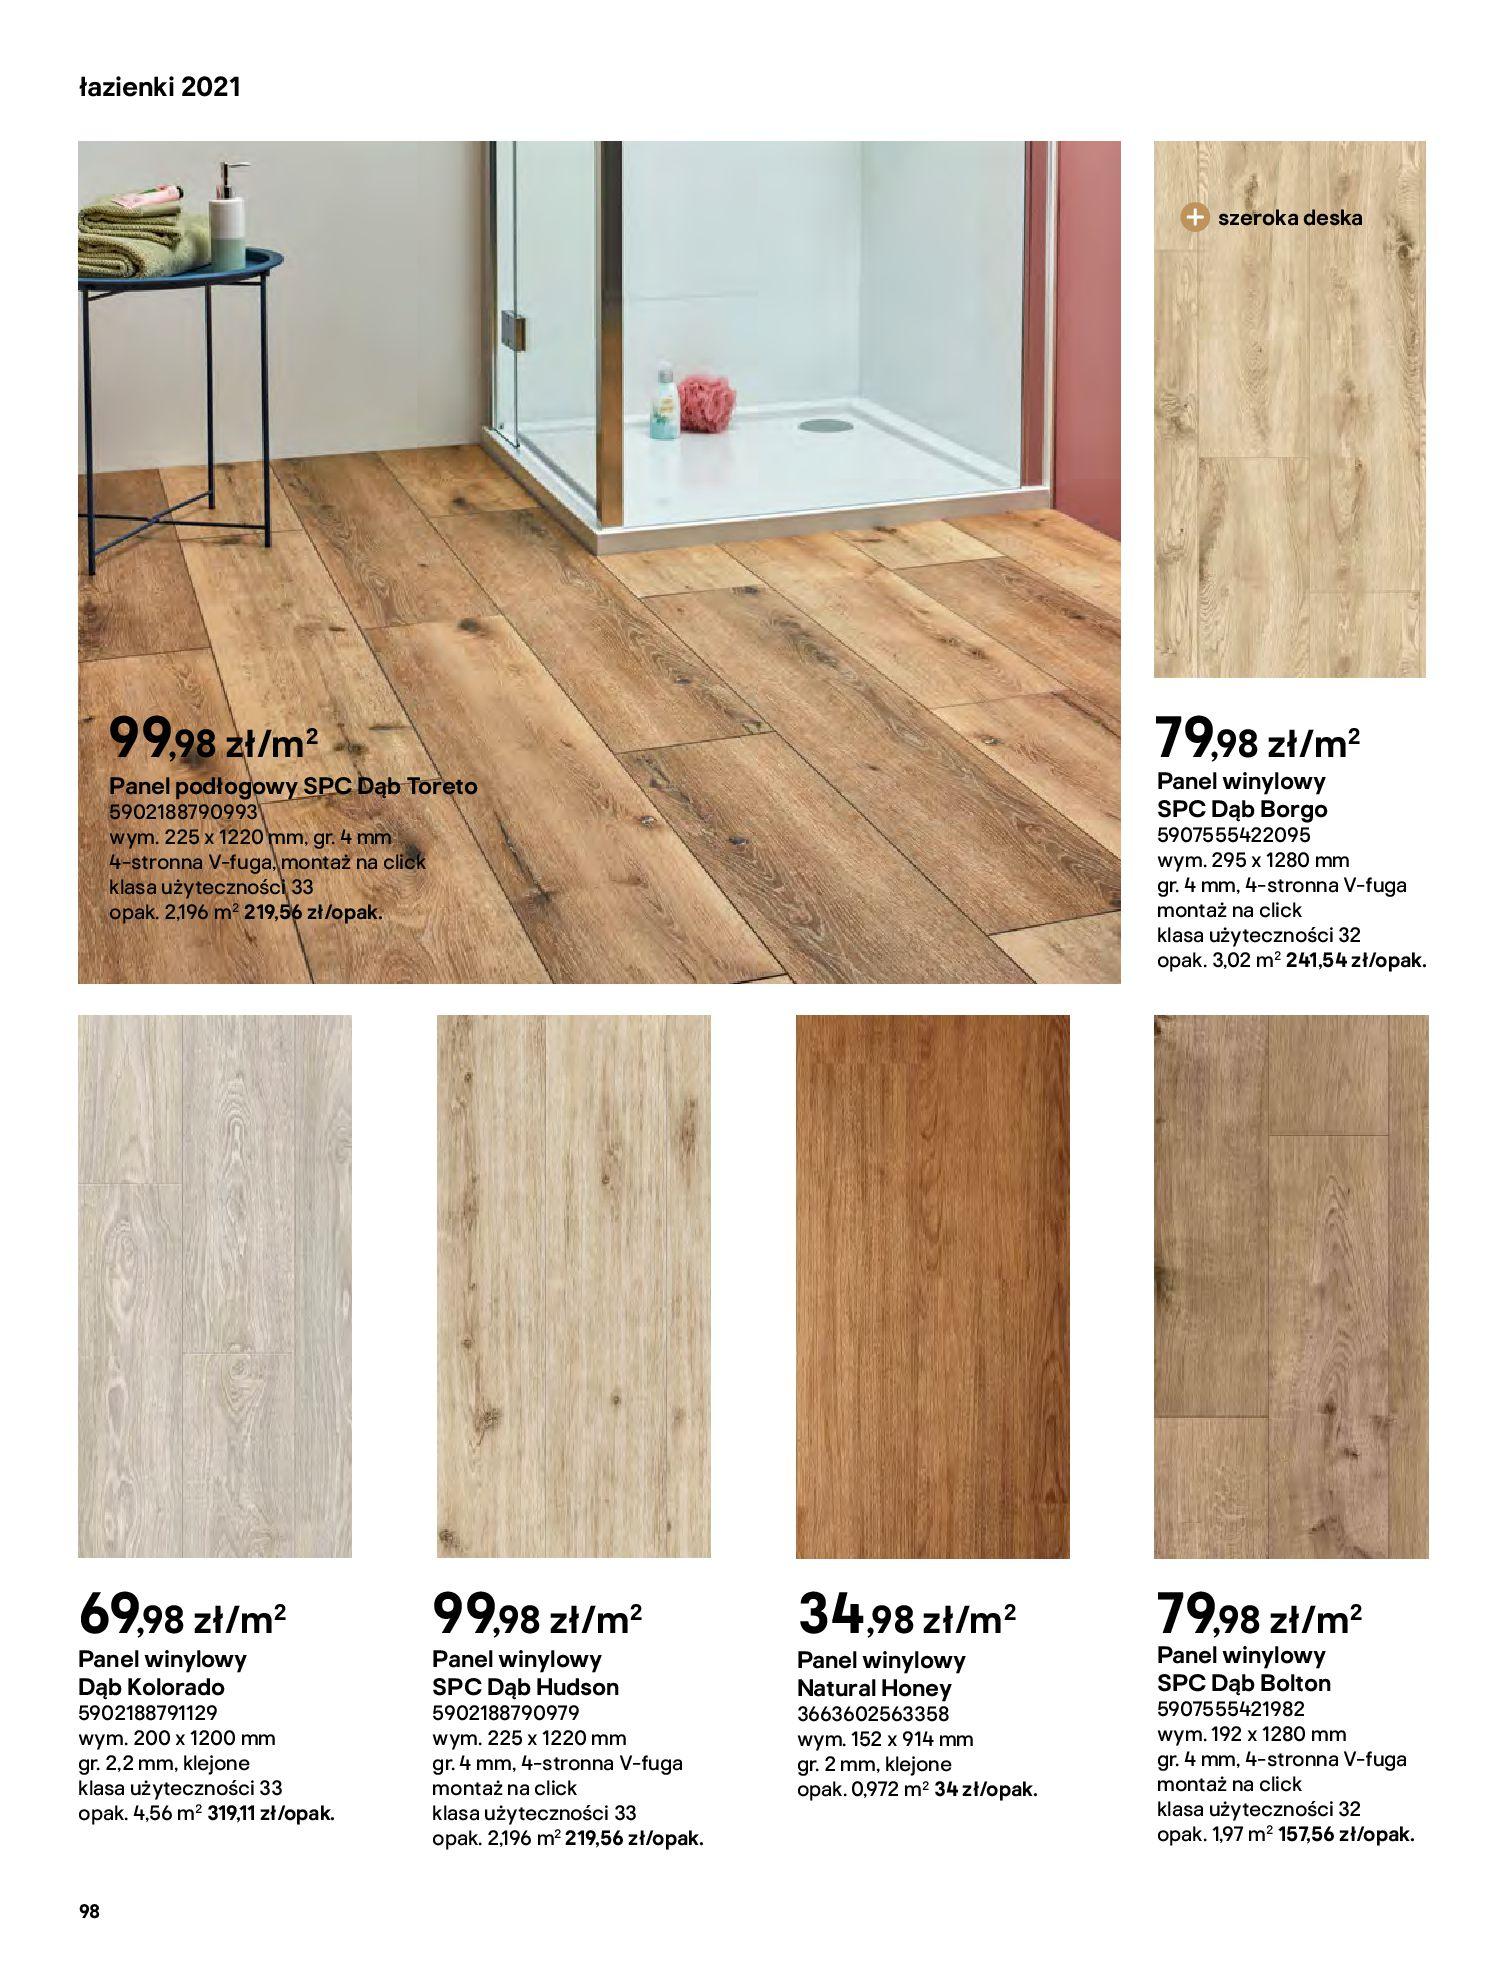 Gazetka Castorama: Gazetka Castorama - katalog łazienki 2021 2021-06-16 page-98